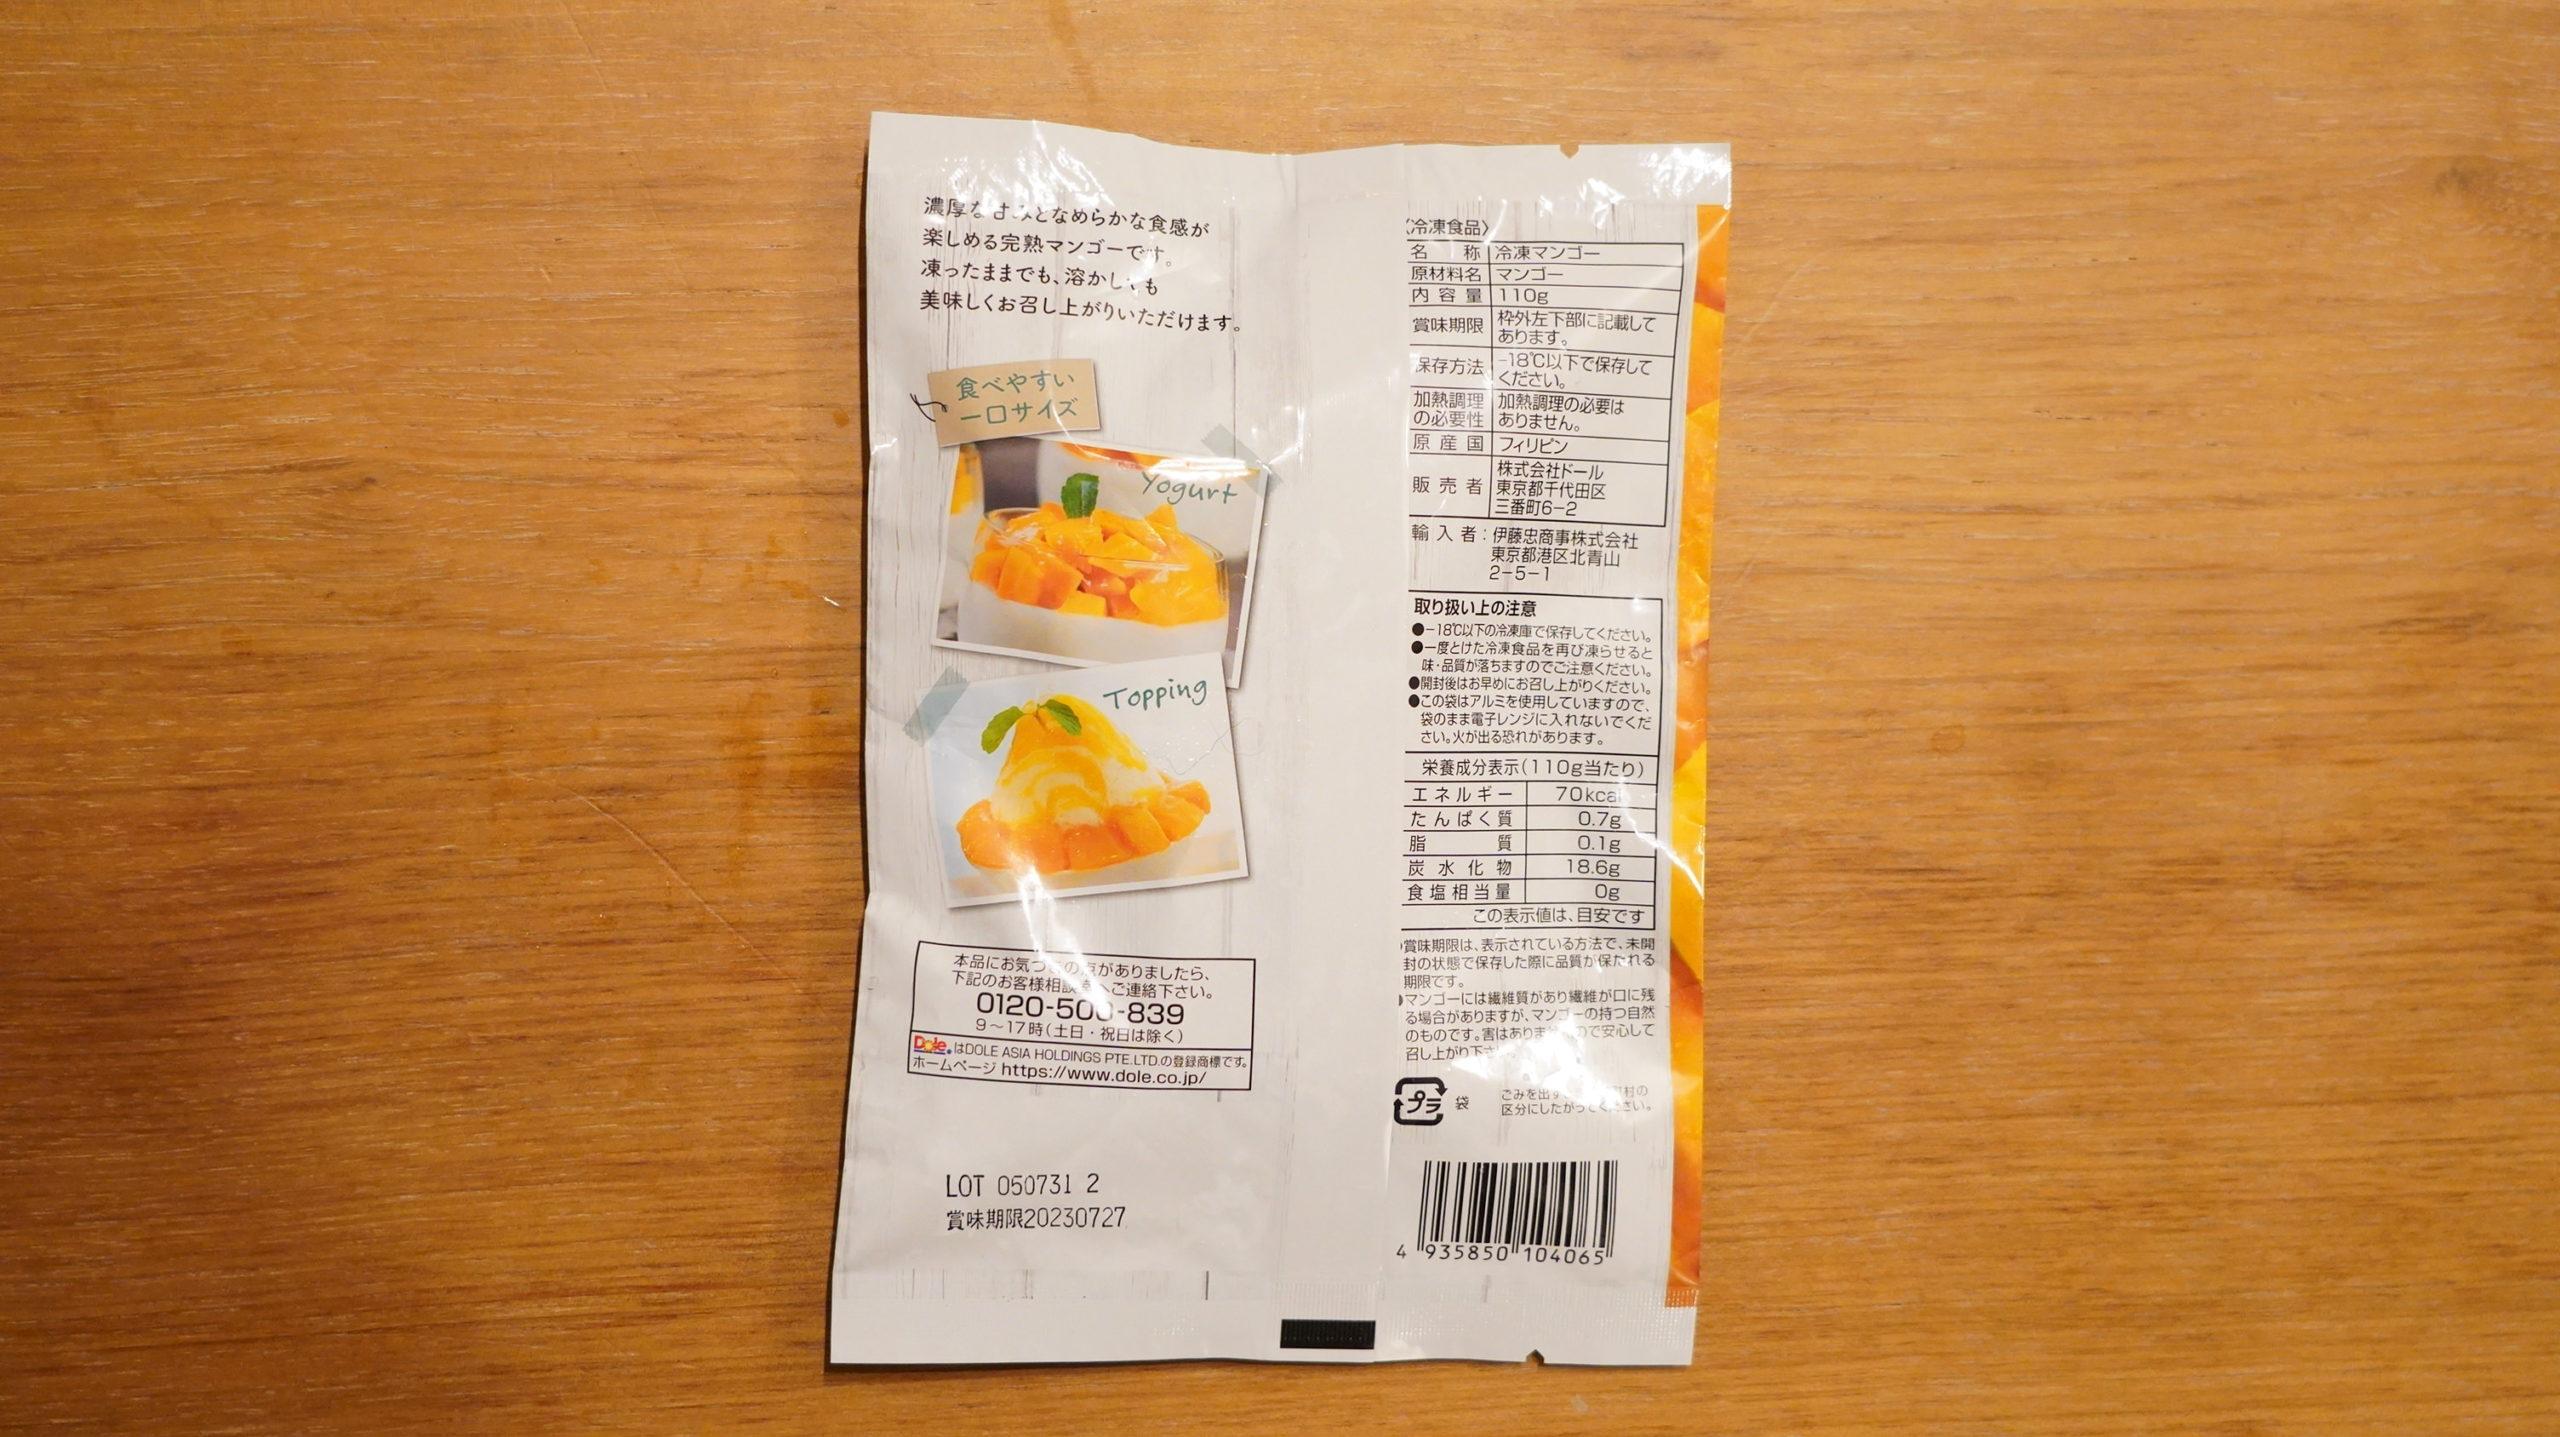 ファミリーマートの冷凍食品「DOLE・完熟マンゴー」のパッケージ裏面の写真